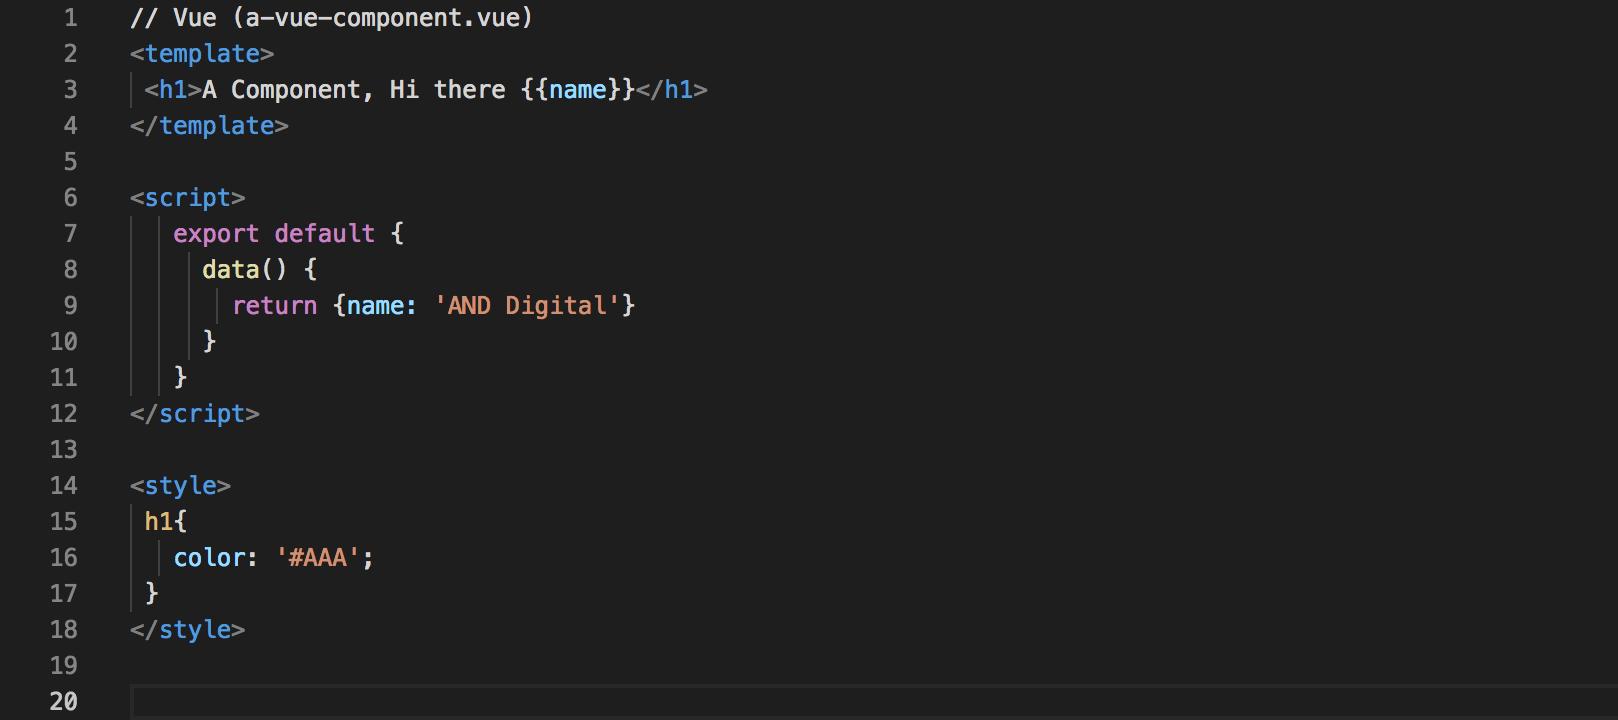 Vue code snippet